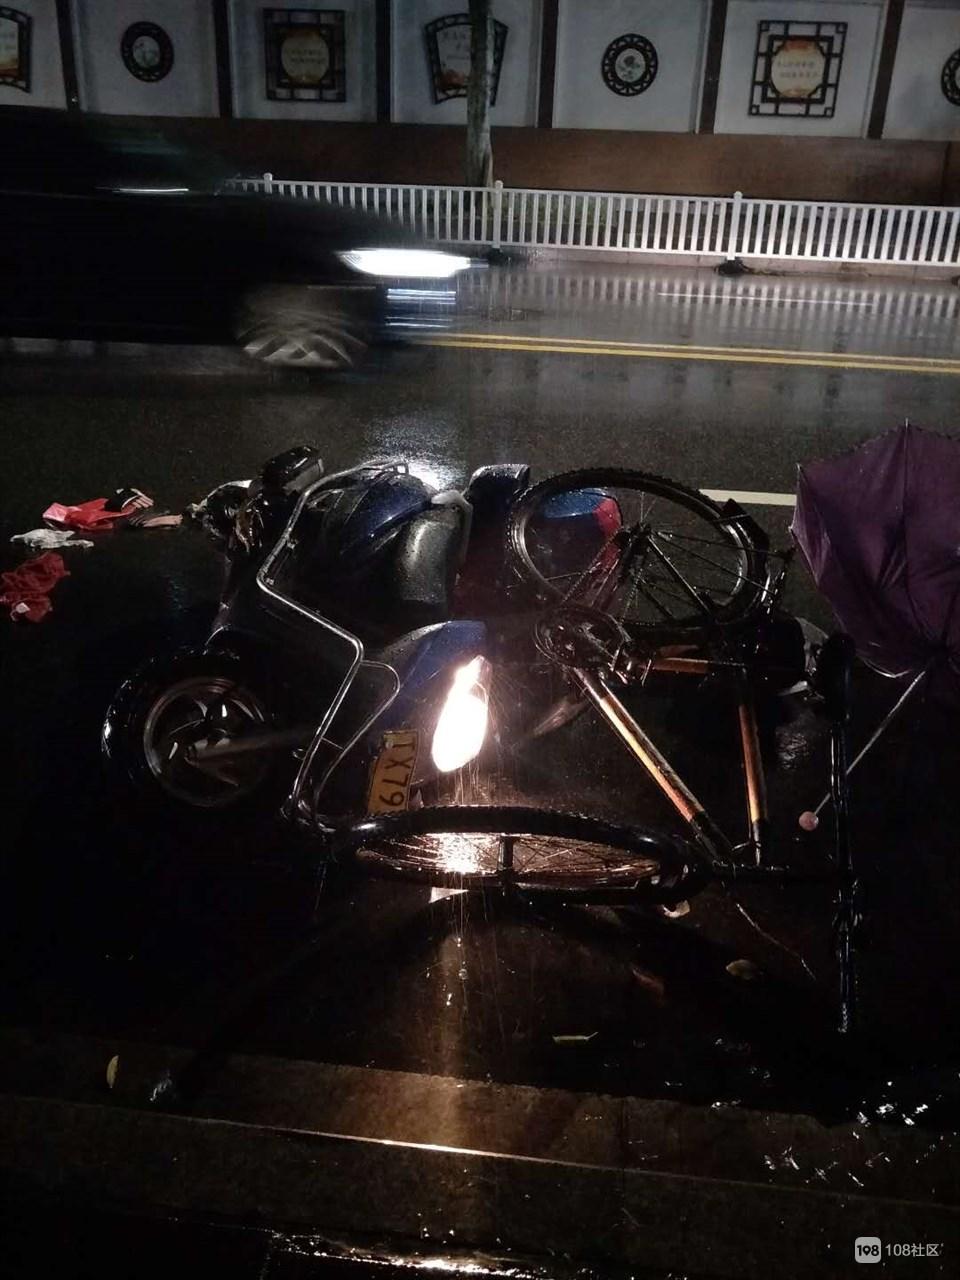 江滨路摩托女司机撞倒醉酒逆行小哥,俩人均被紧急送医